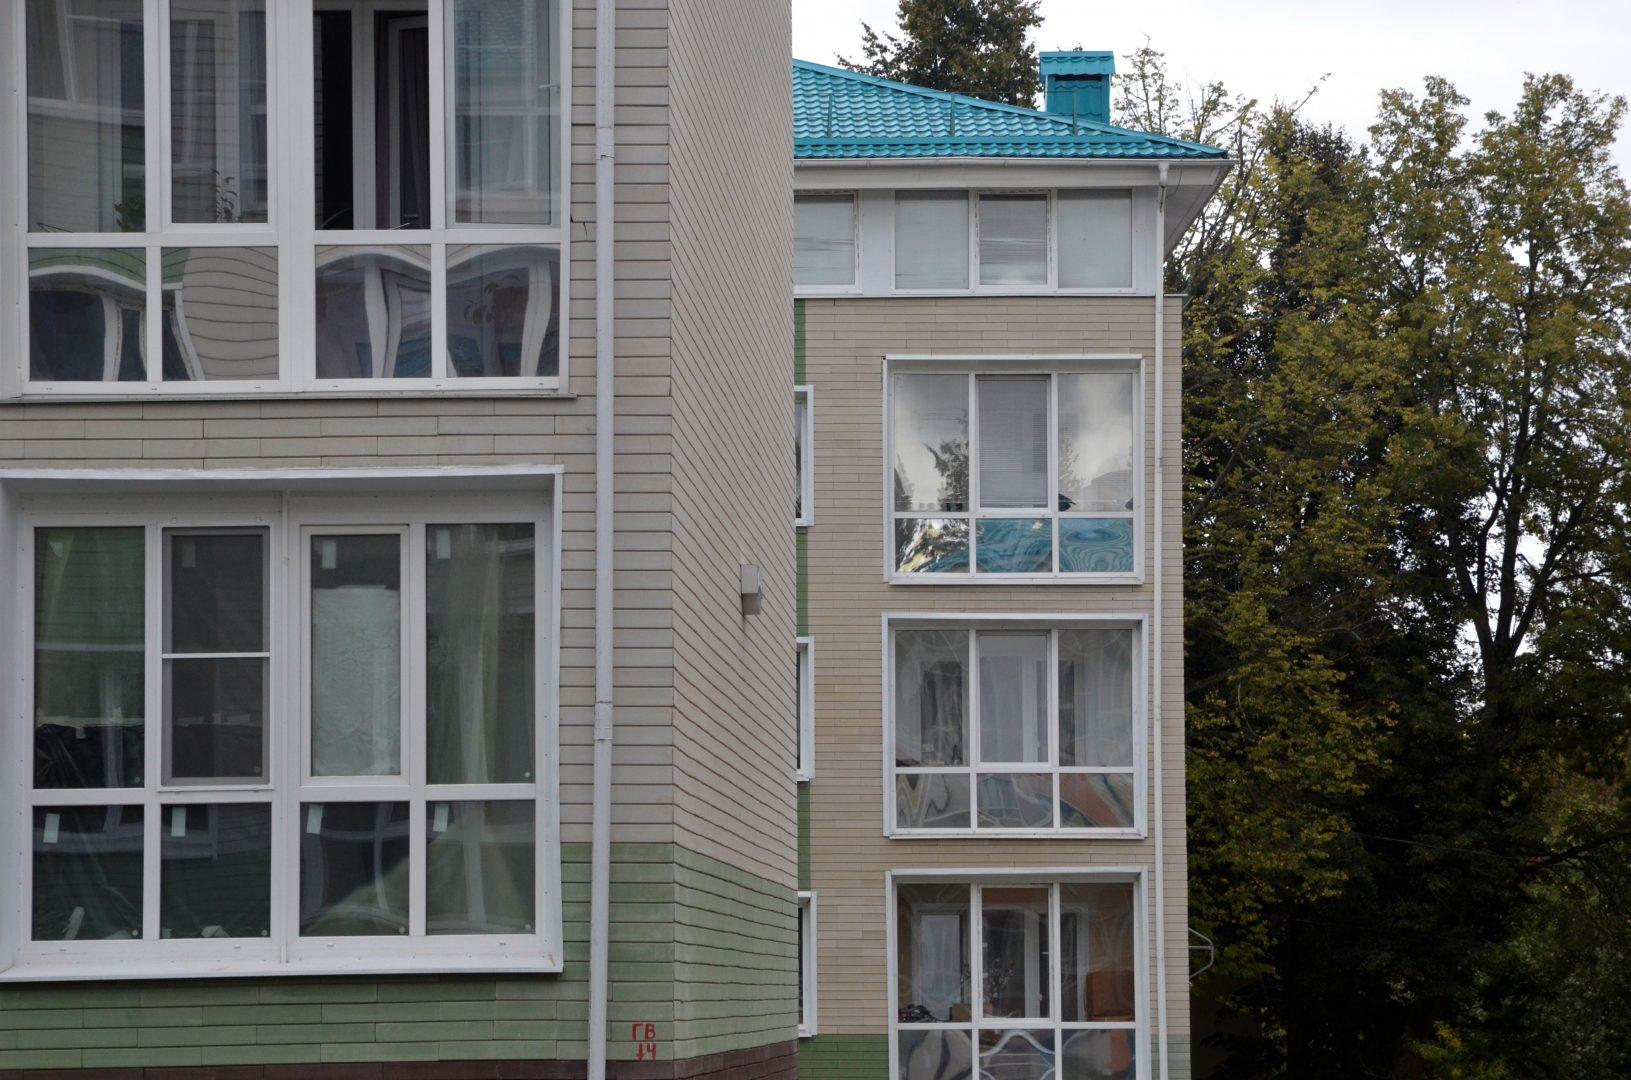 Земельные участки в Кленовском и Первомайском предоставят под строительство частных домов. Фото: Анна Быкова